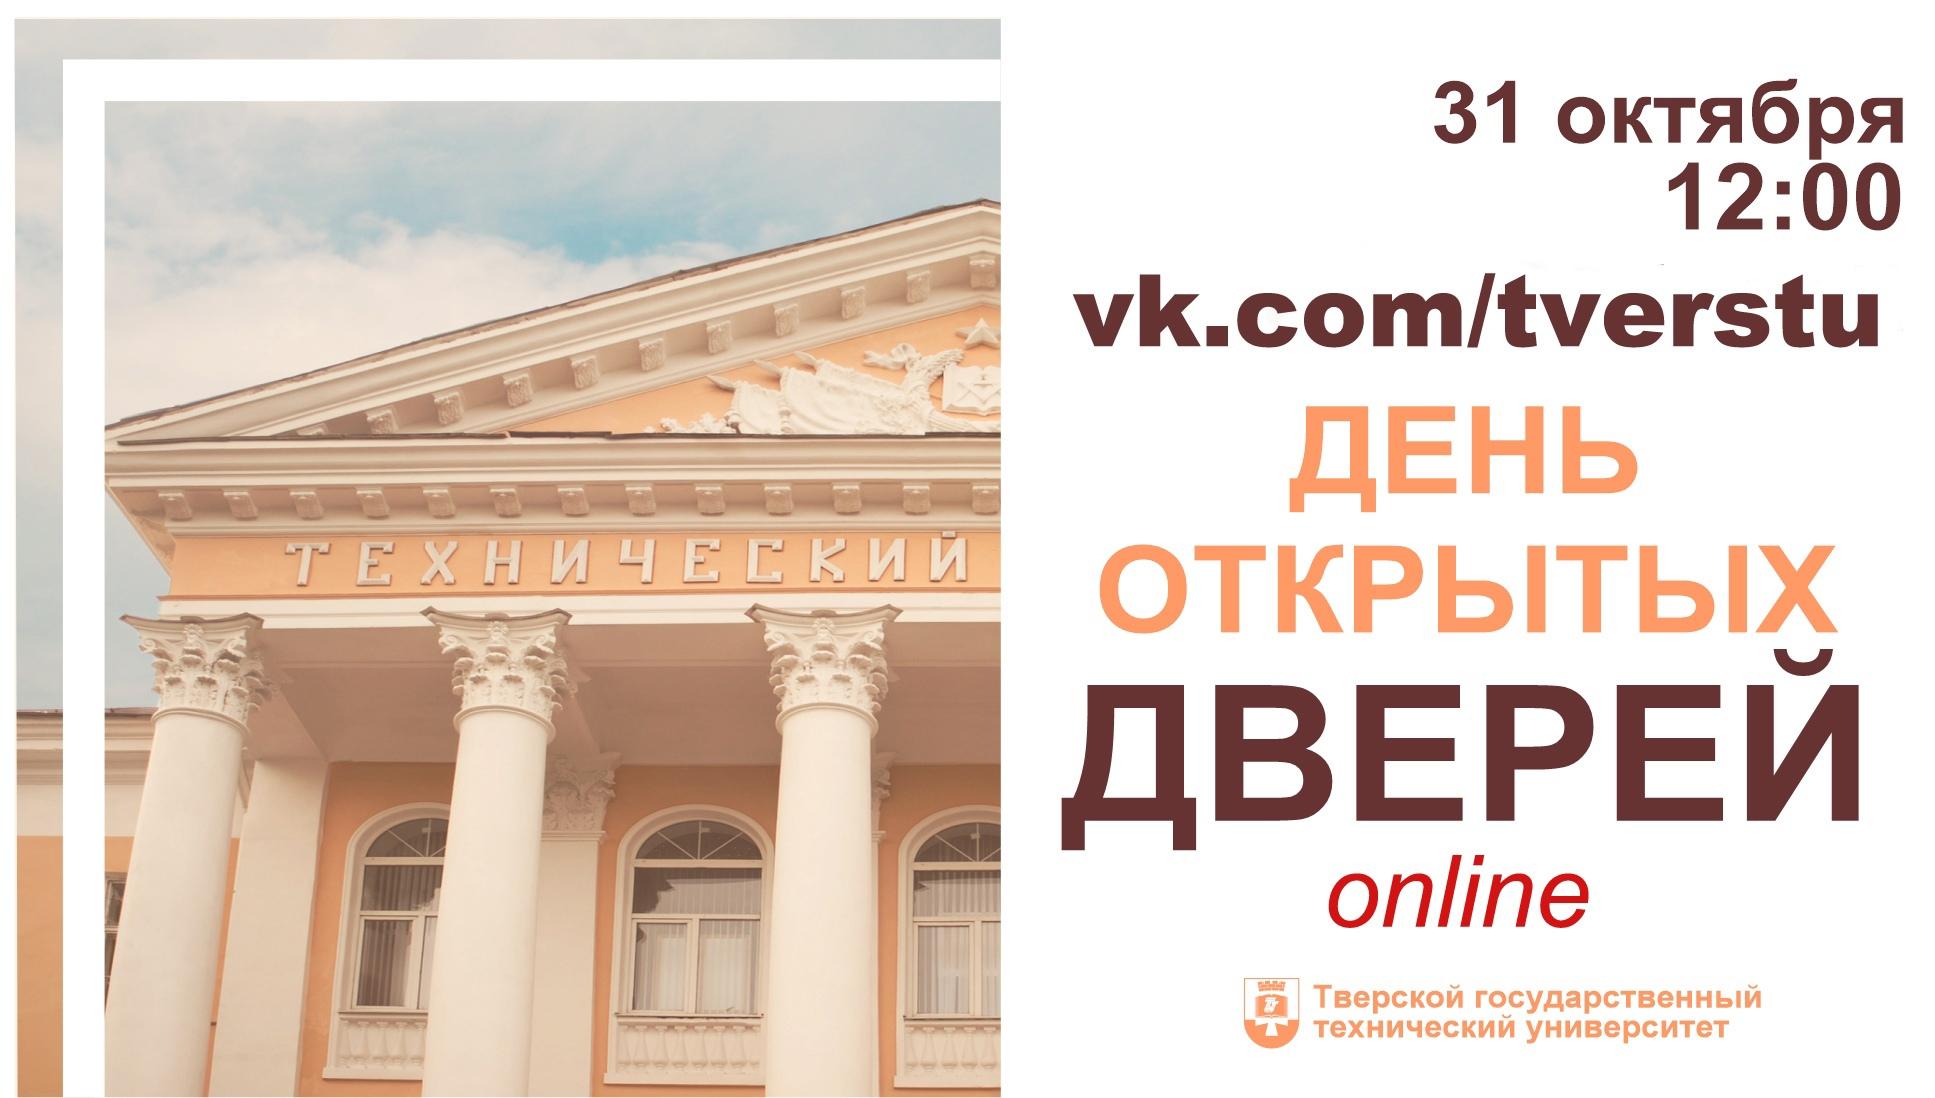 День открытых дверей ТвГТУ пройдет в режиме онлайн